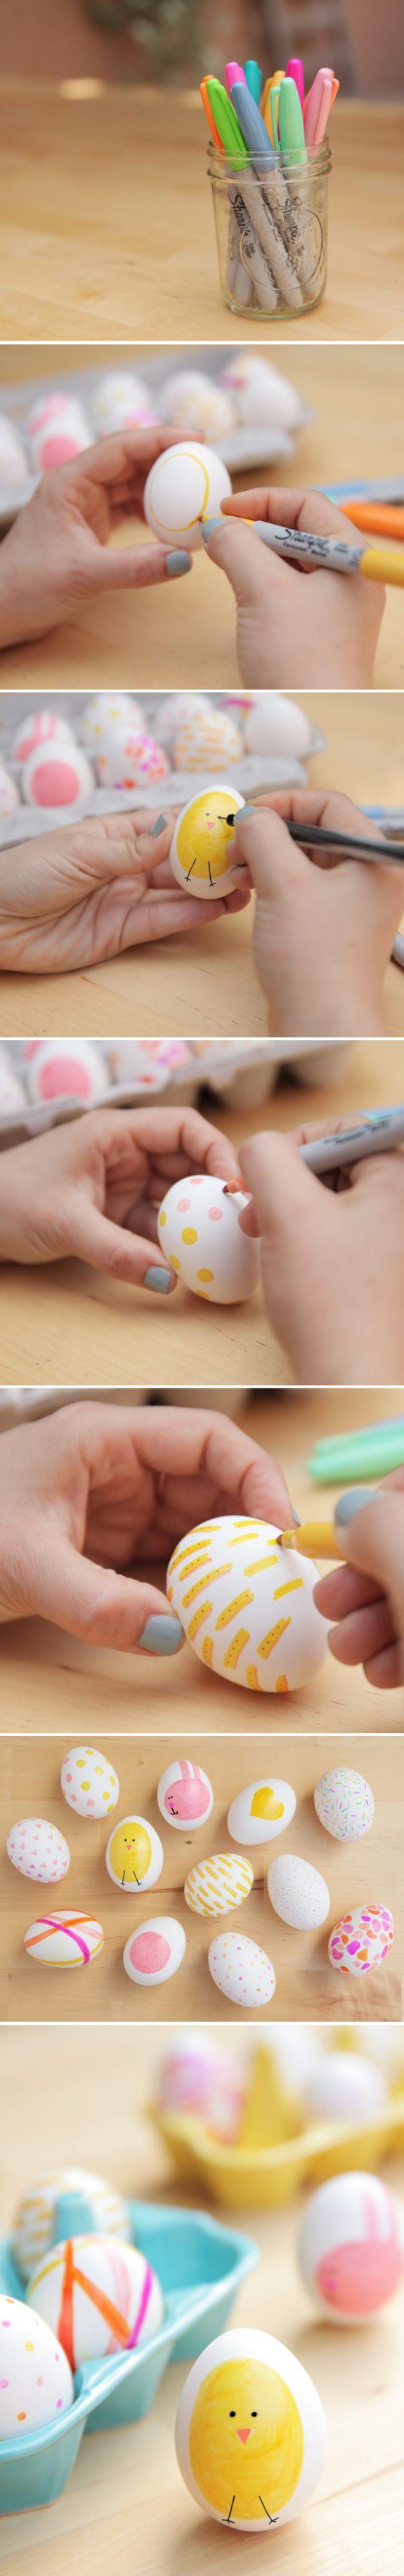 Huevos de Pascua - manualidades para niños